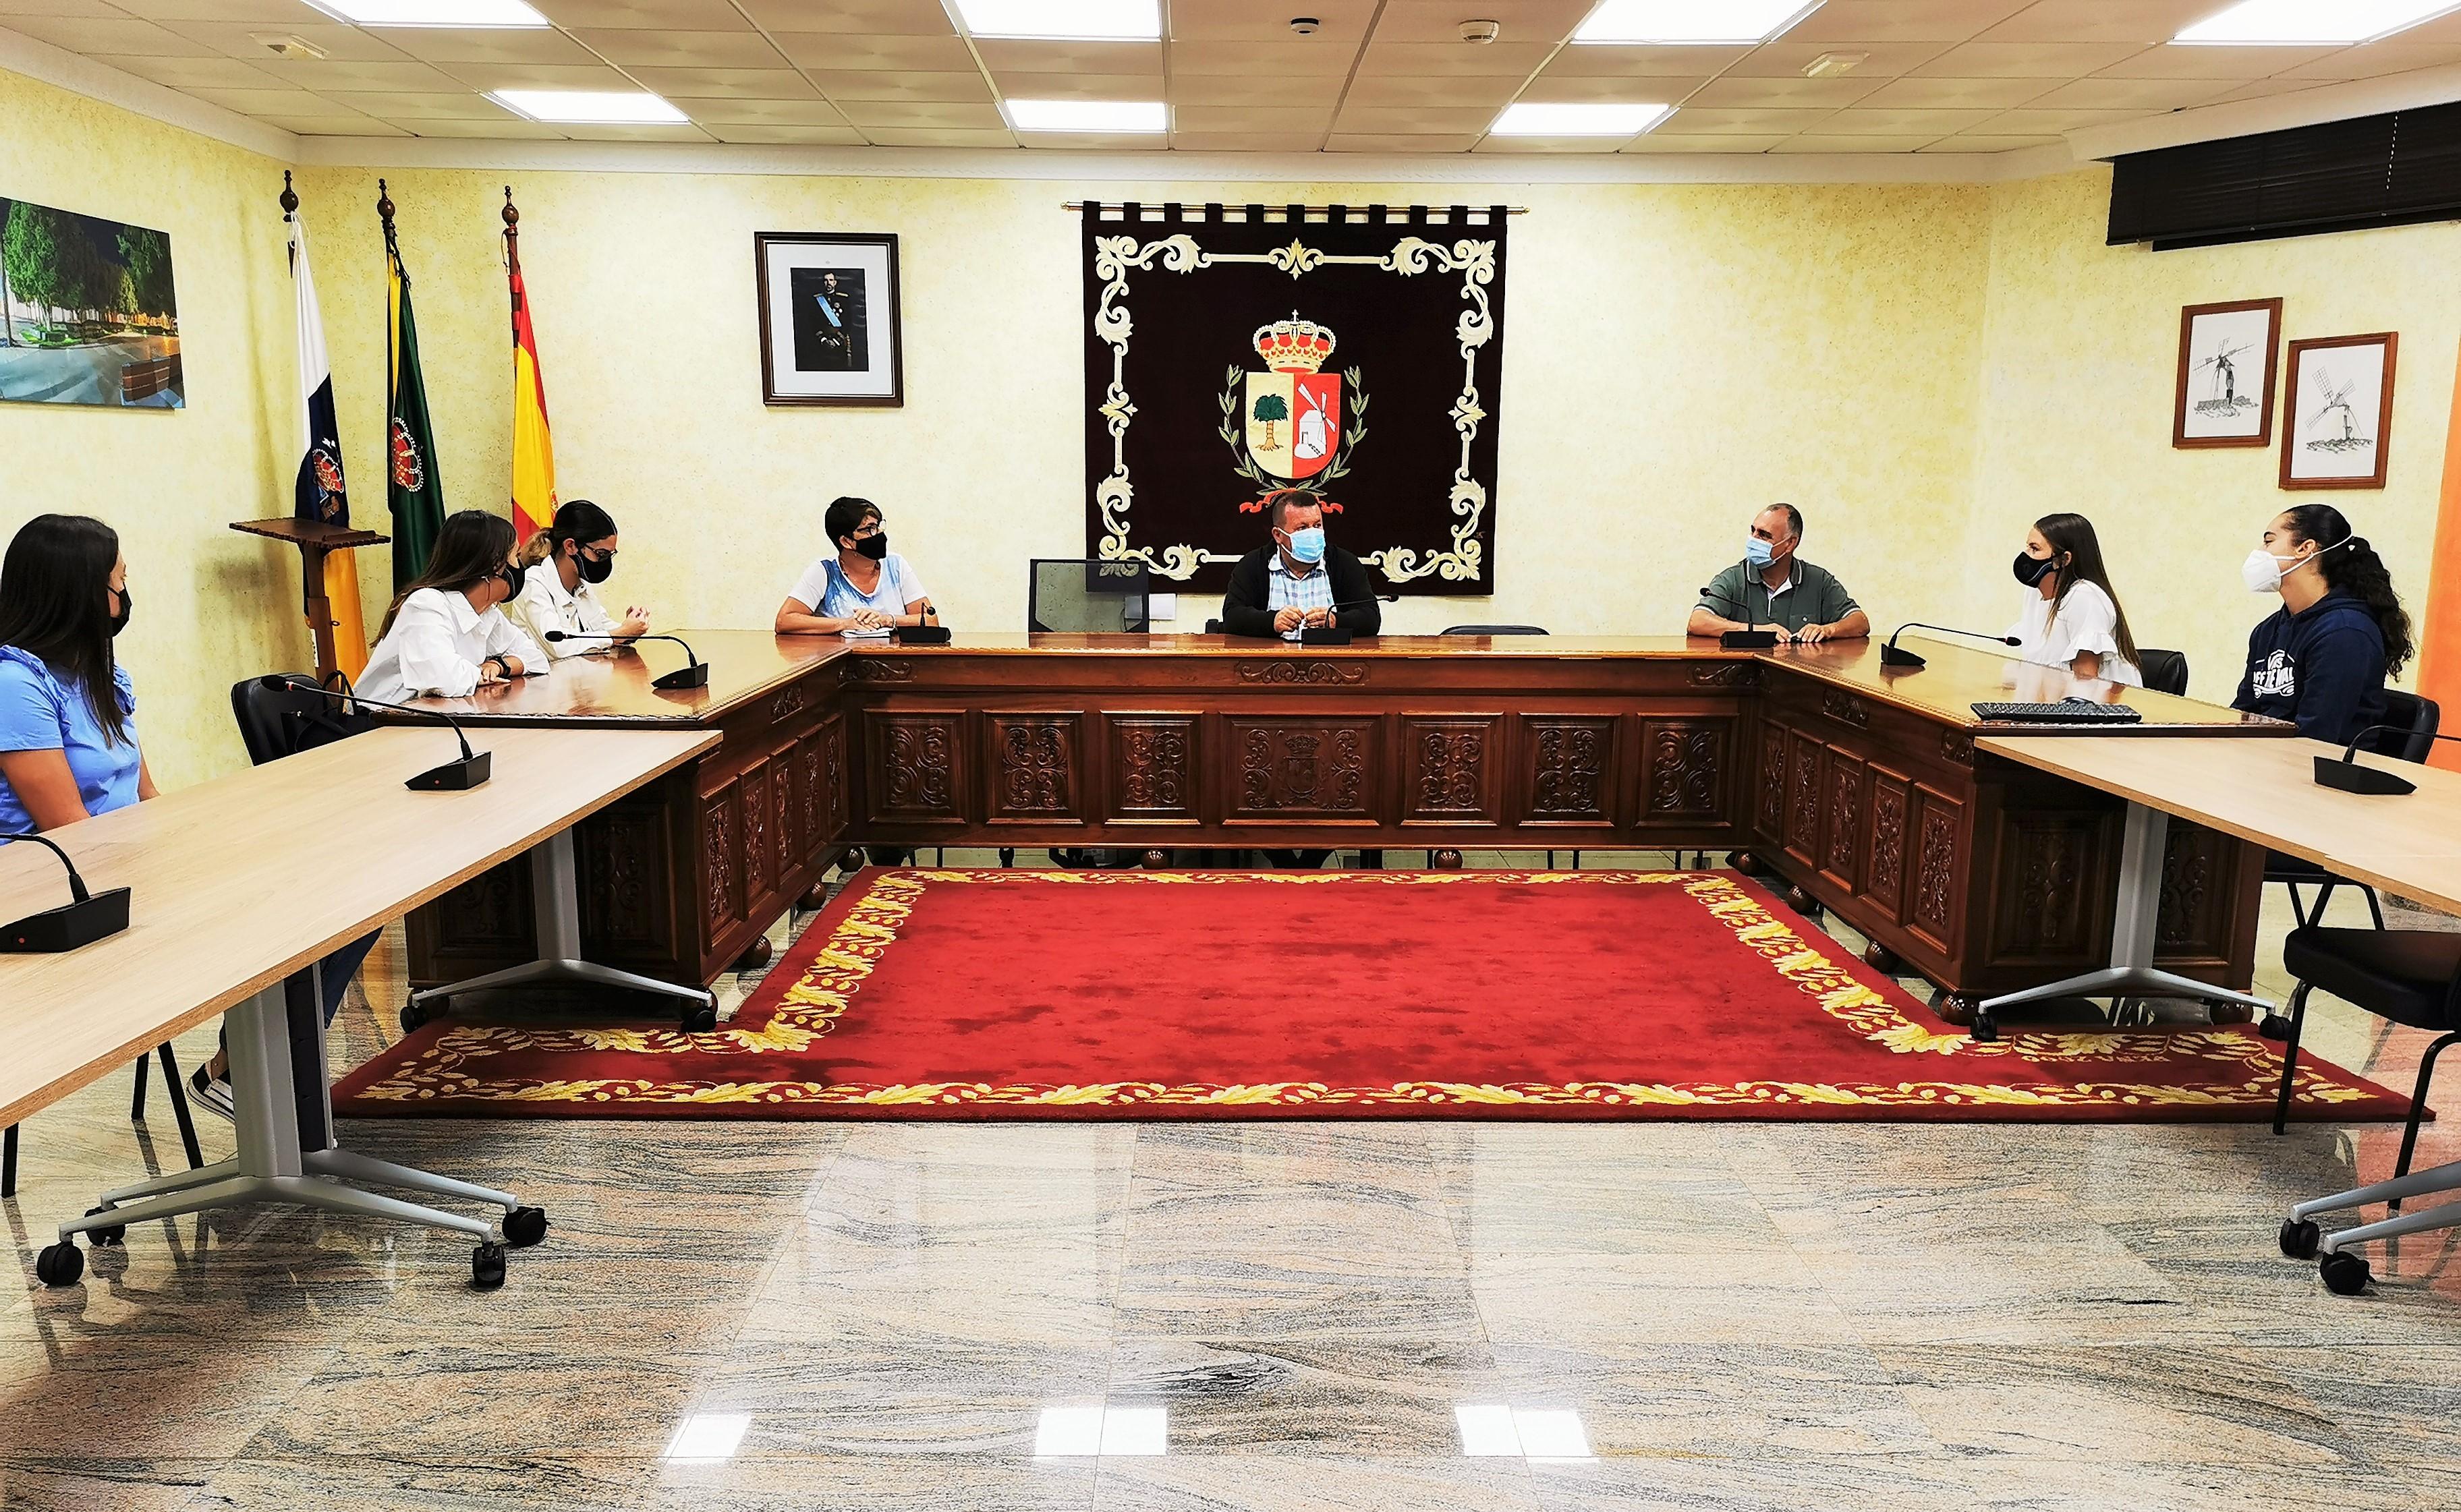 Antigua da la bienvenida a los estudiantes en prácticas en el Ayuntamiento / CanariasNoticias.es